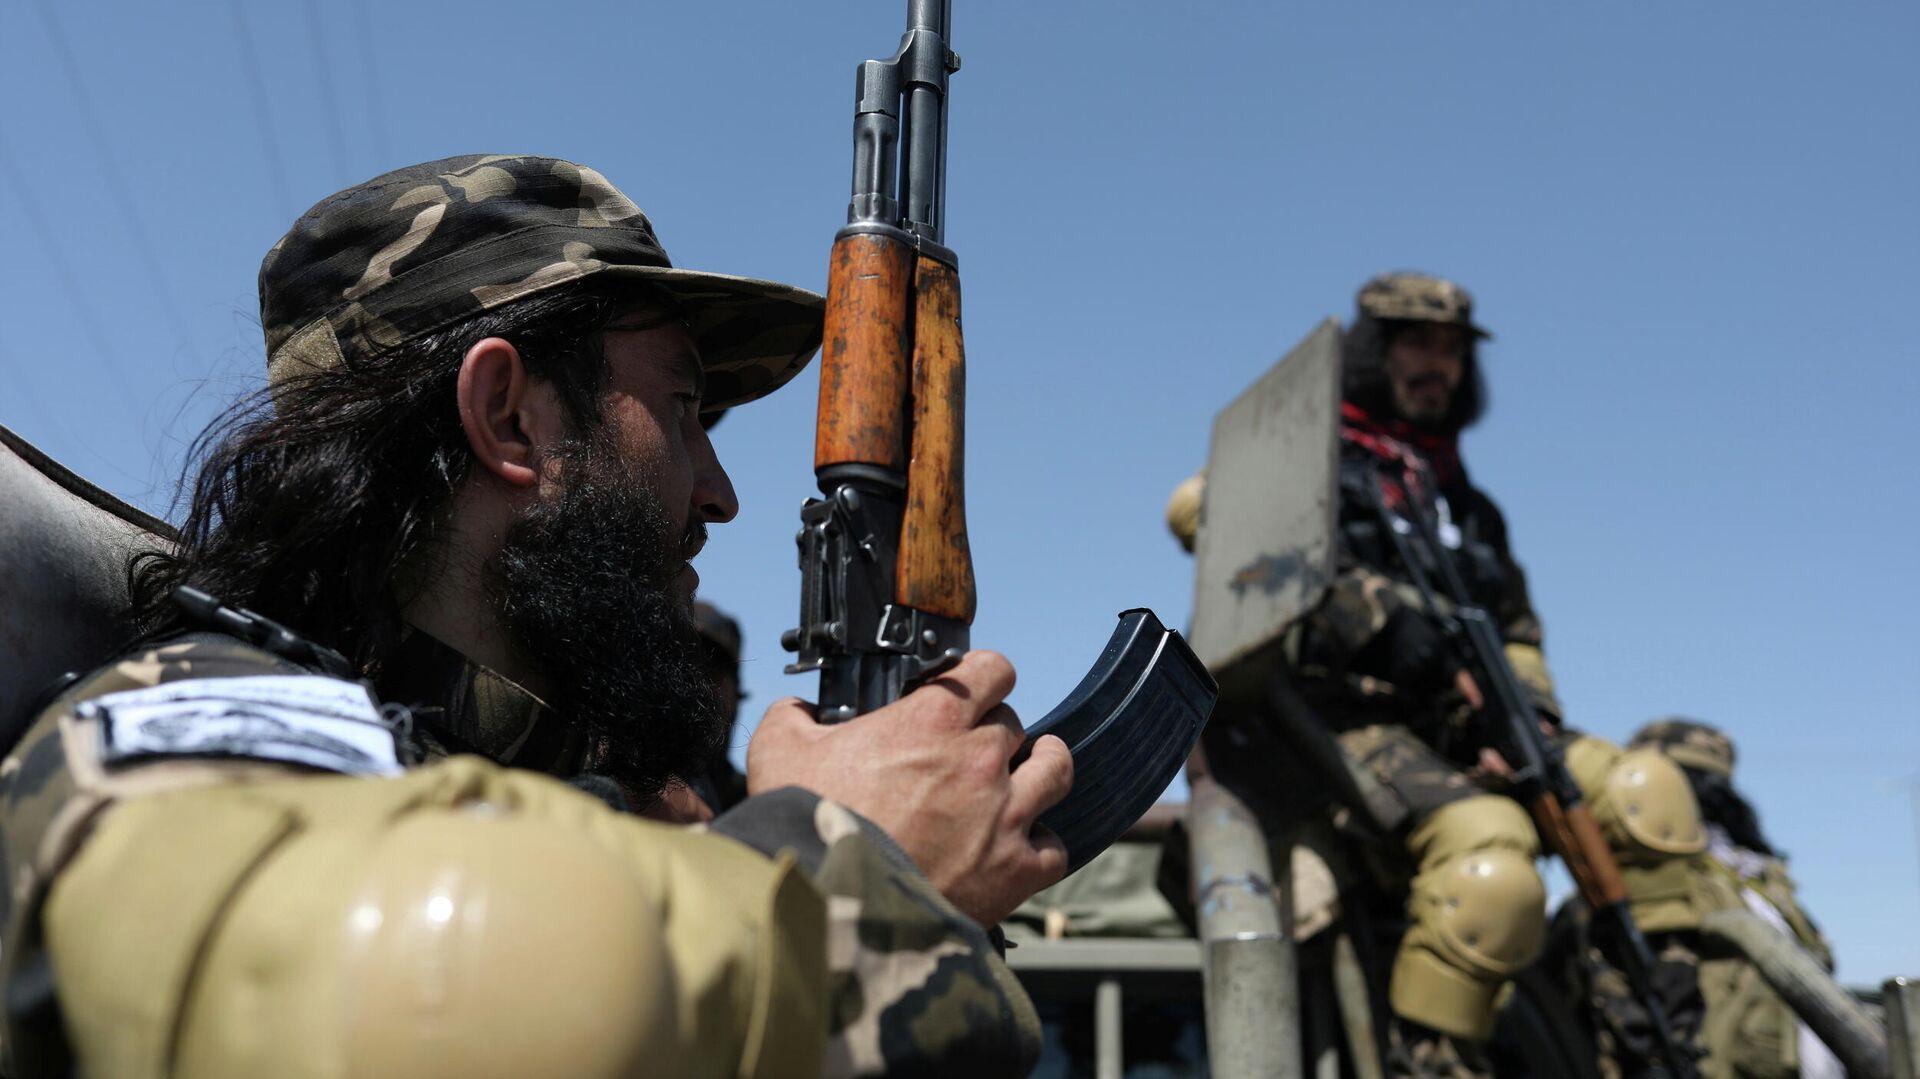 Miembros de las Fuerzas Especiales de Inteligencia del Talibán vigilan el aeródromo militar en Kabul, Afganistán, 5 de septiembre de 2021 - Sputnik Mundo, 1920, 05.09.2021